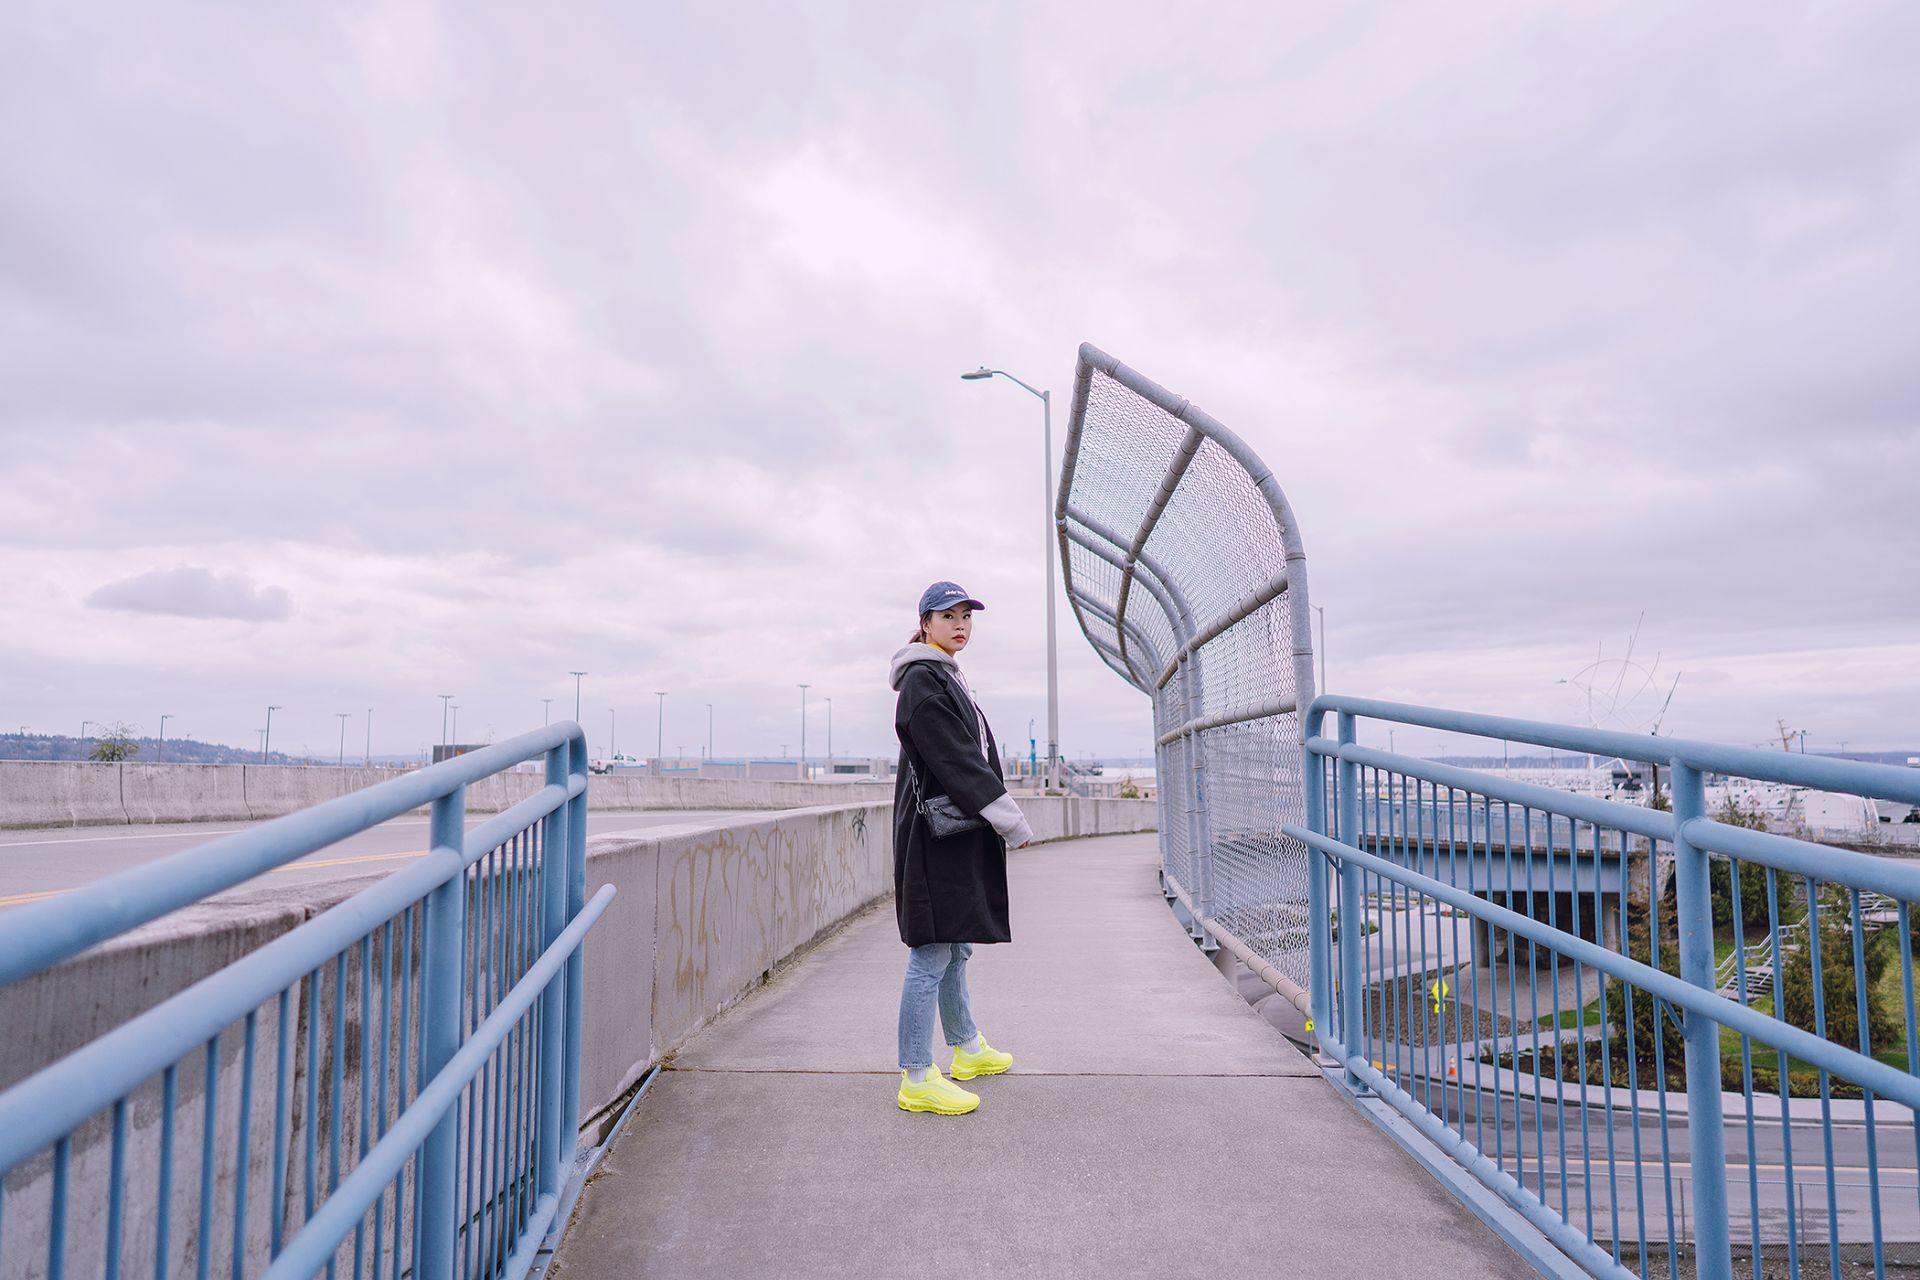 Neon Nike Air Max 97 sneakers